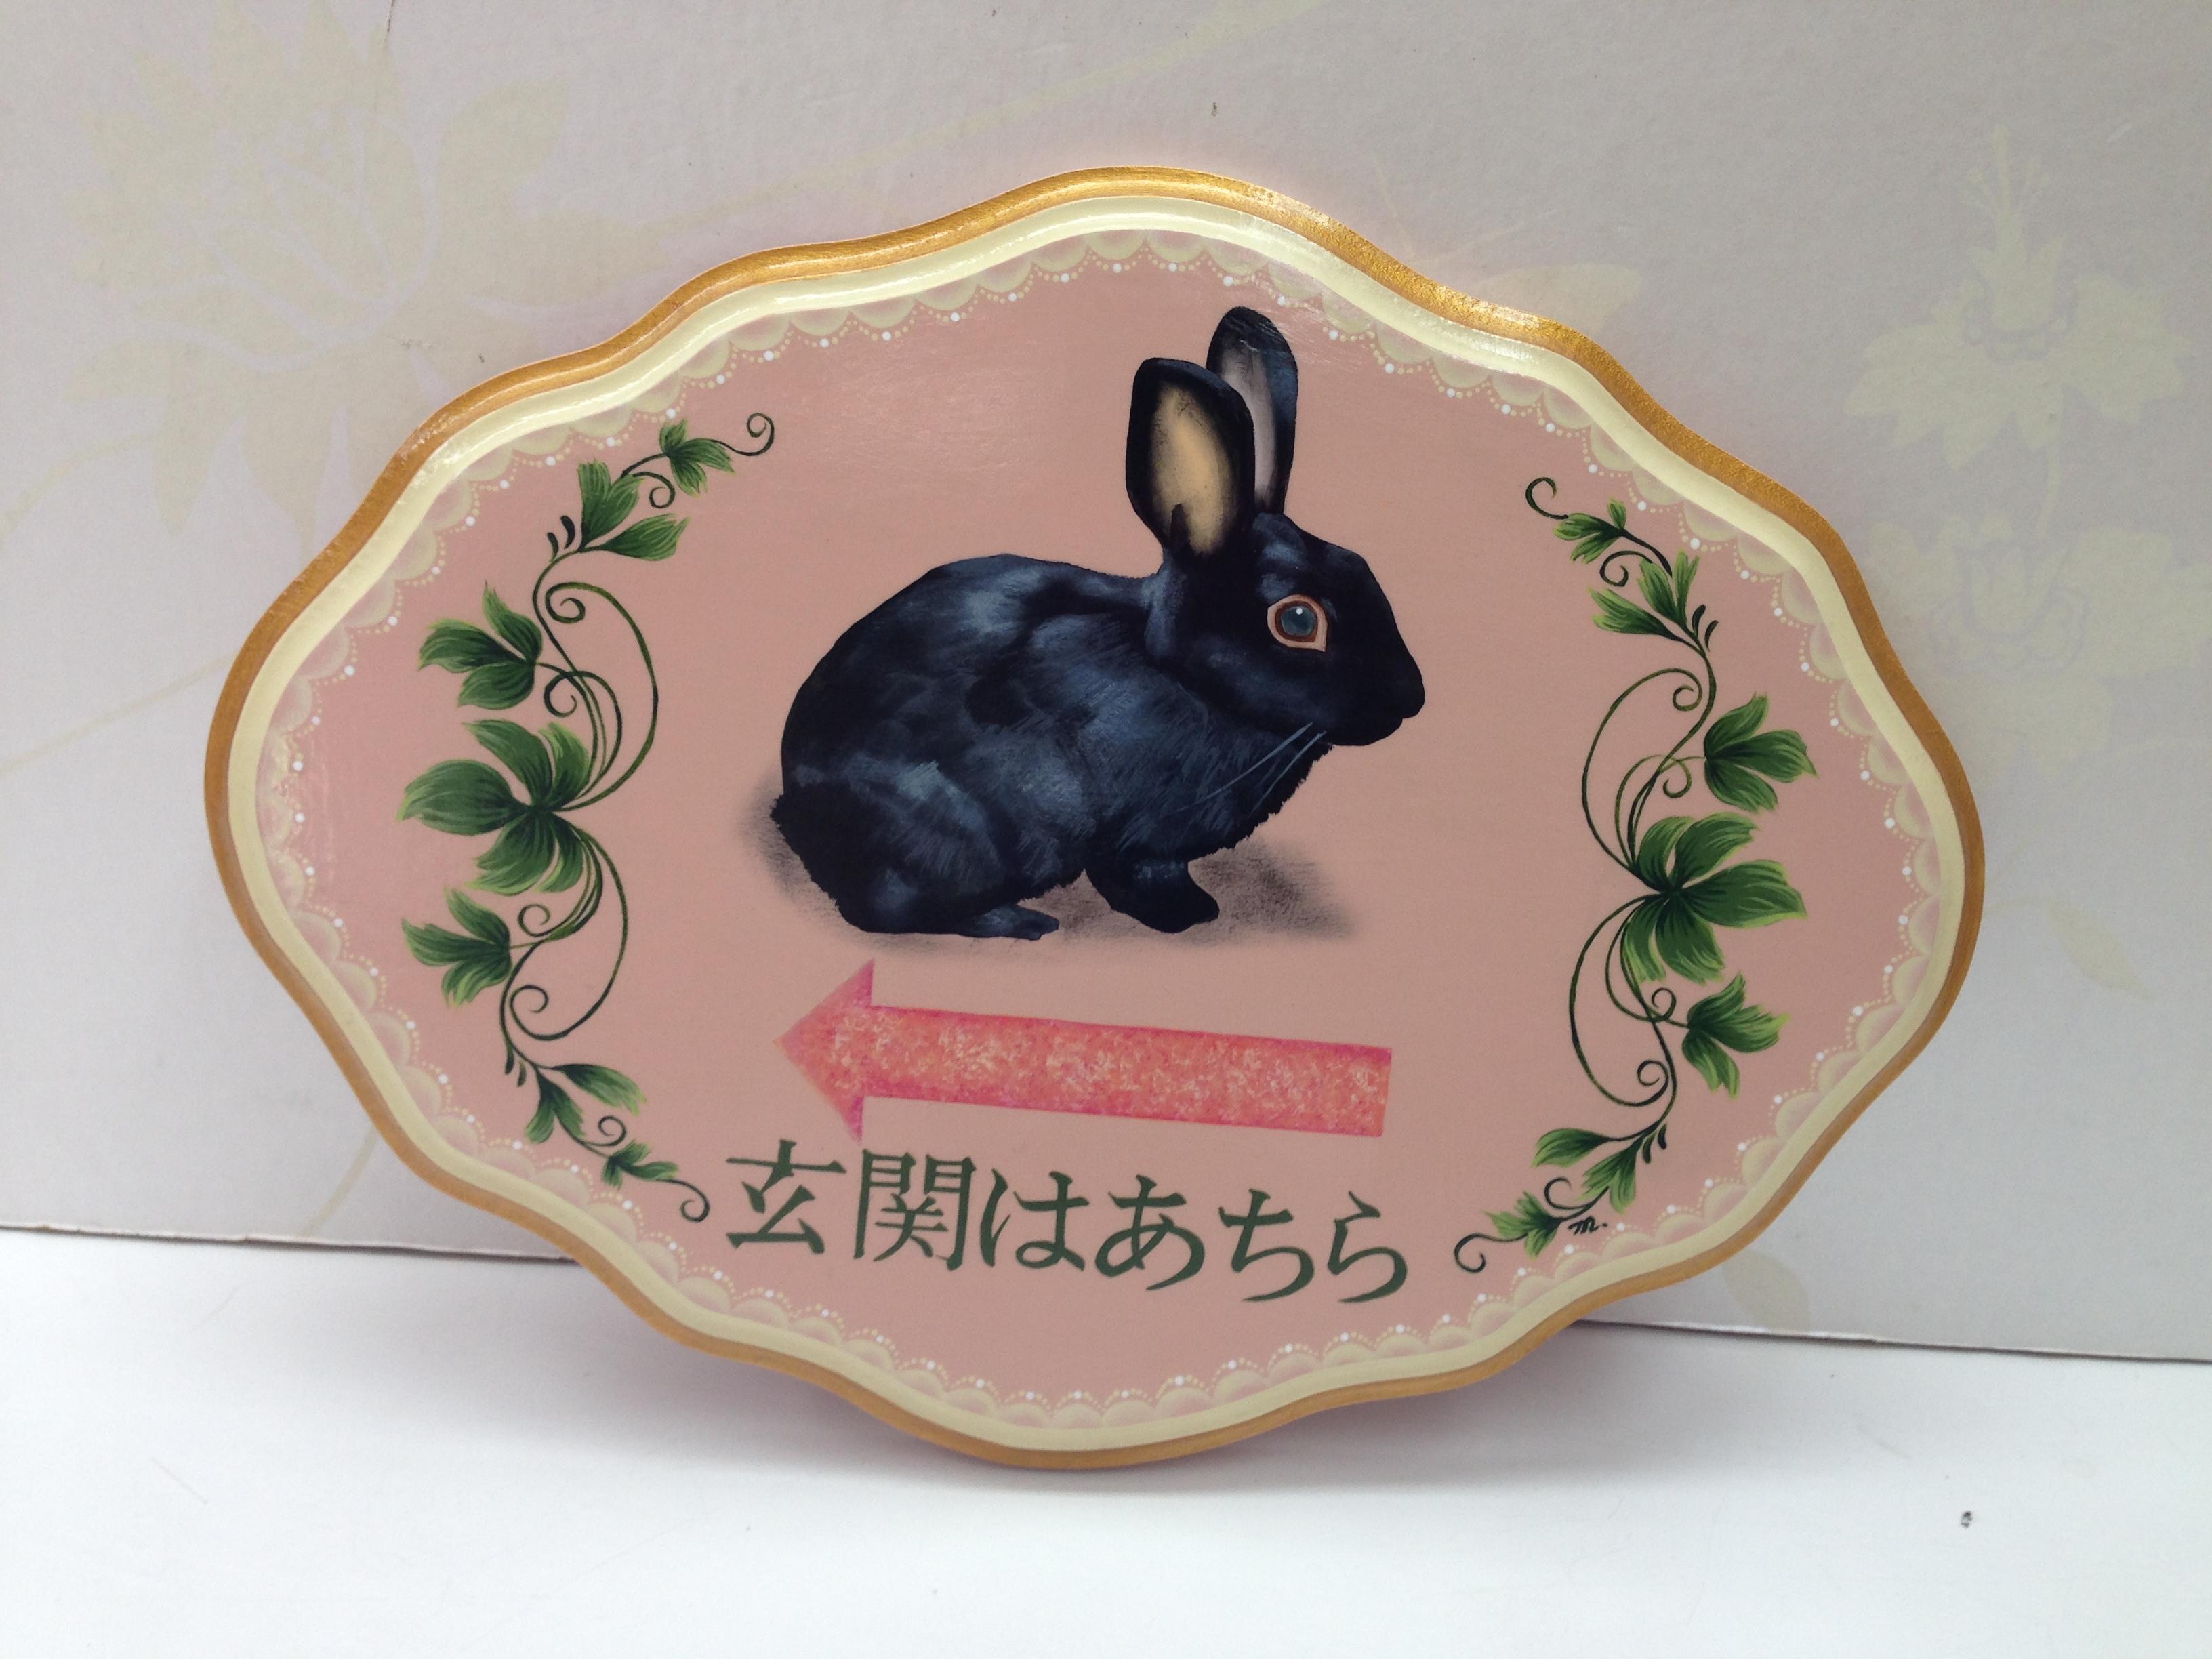 デコラティブペイント,ウサギの看板